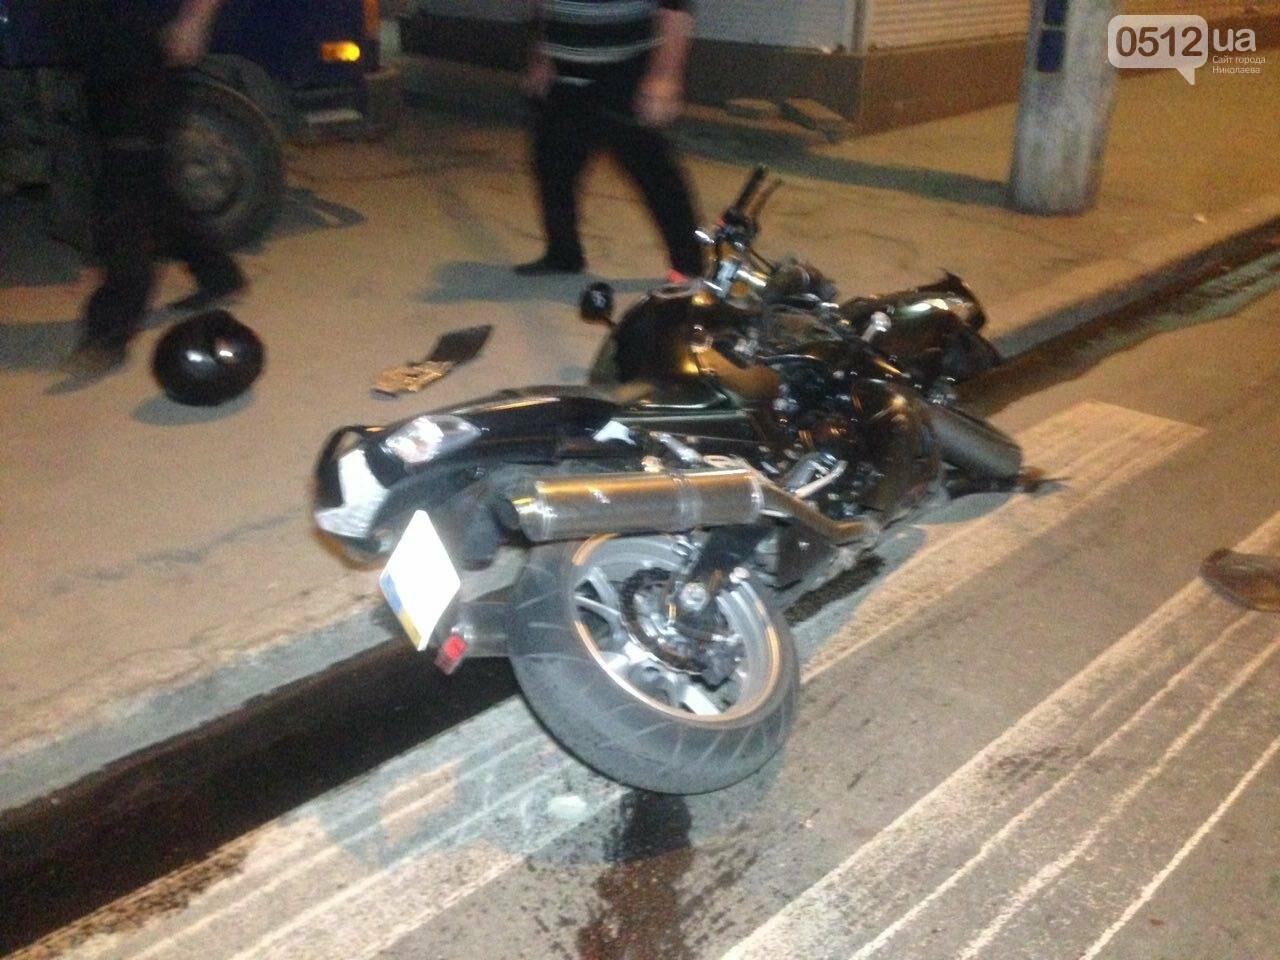 В Николаеве пьяный мотоциклист на большой скорости въехал в легковушку: есть пострадавшие, - ФОТО , фото-1